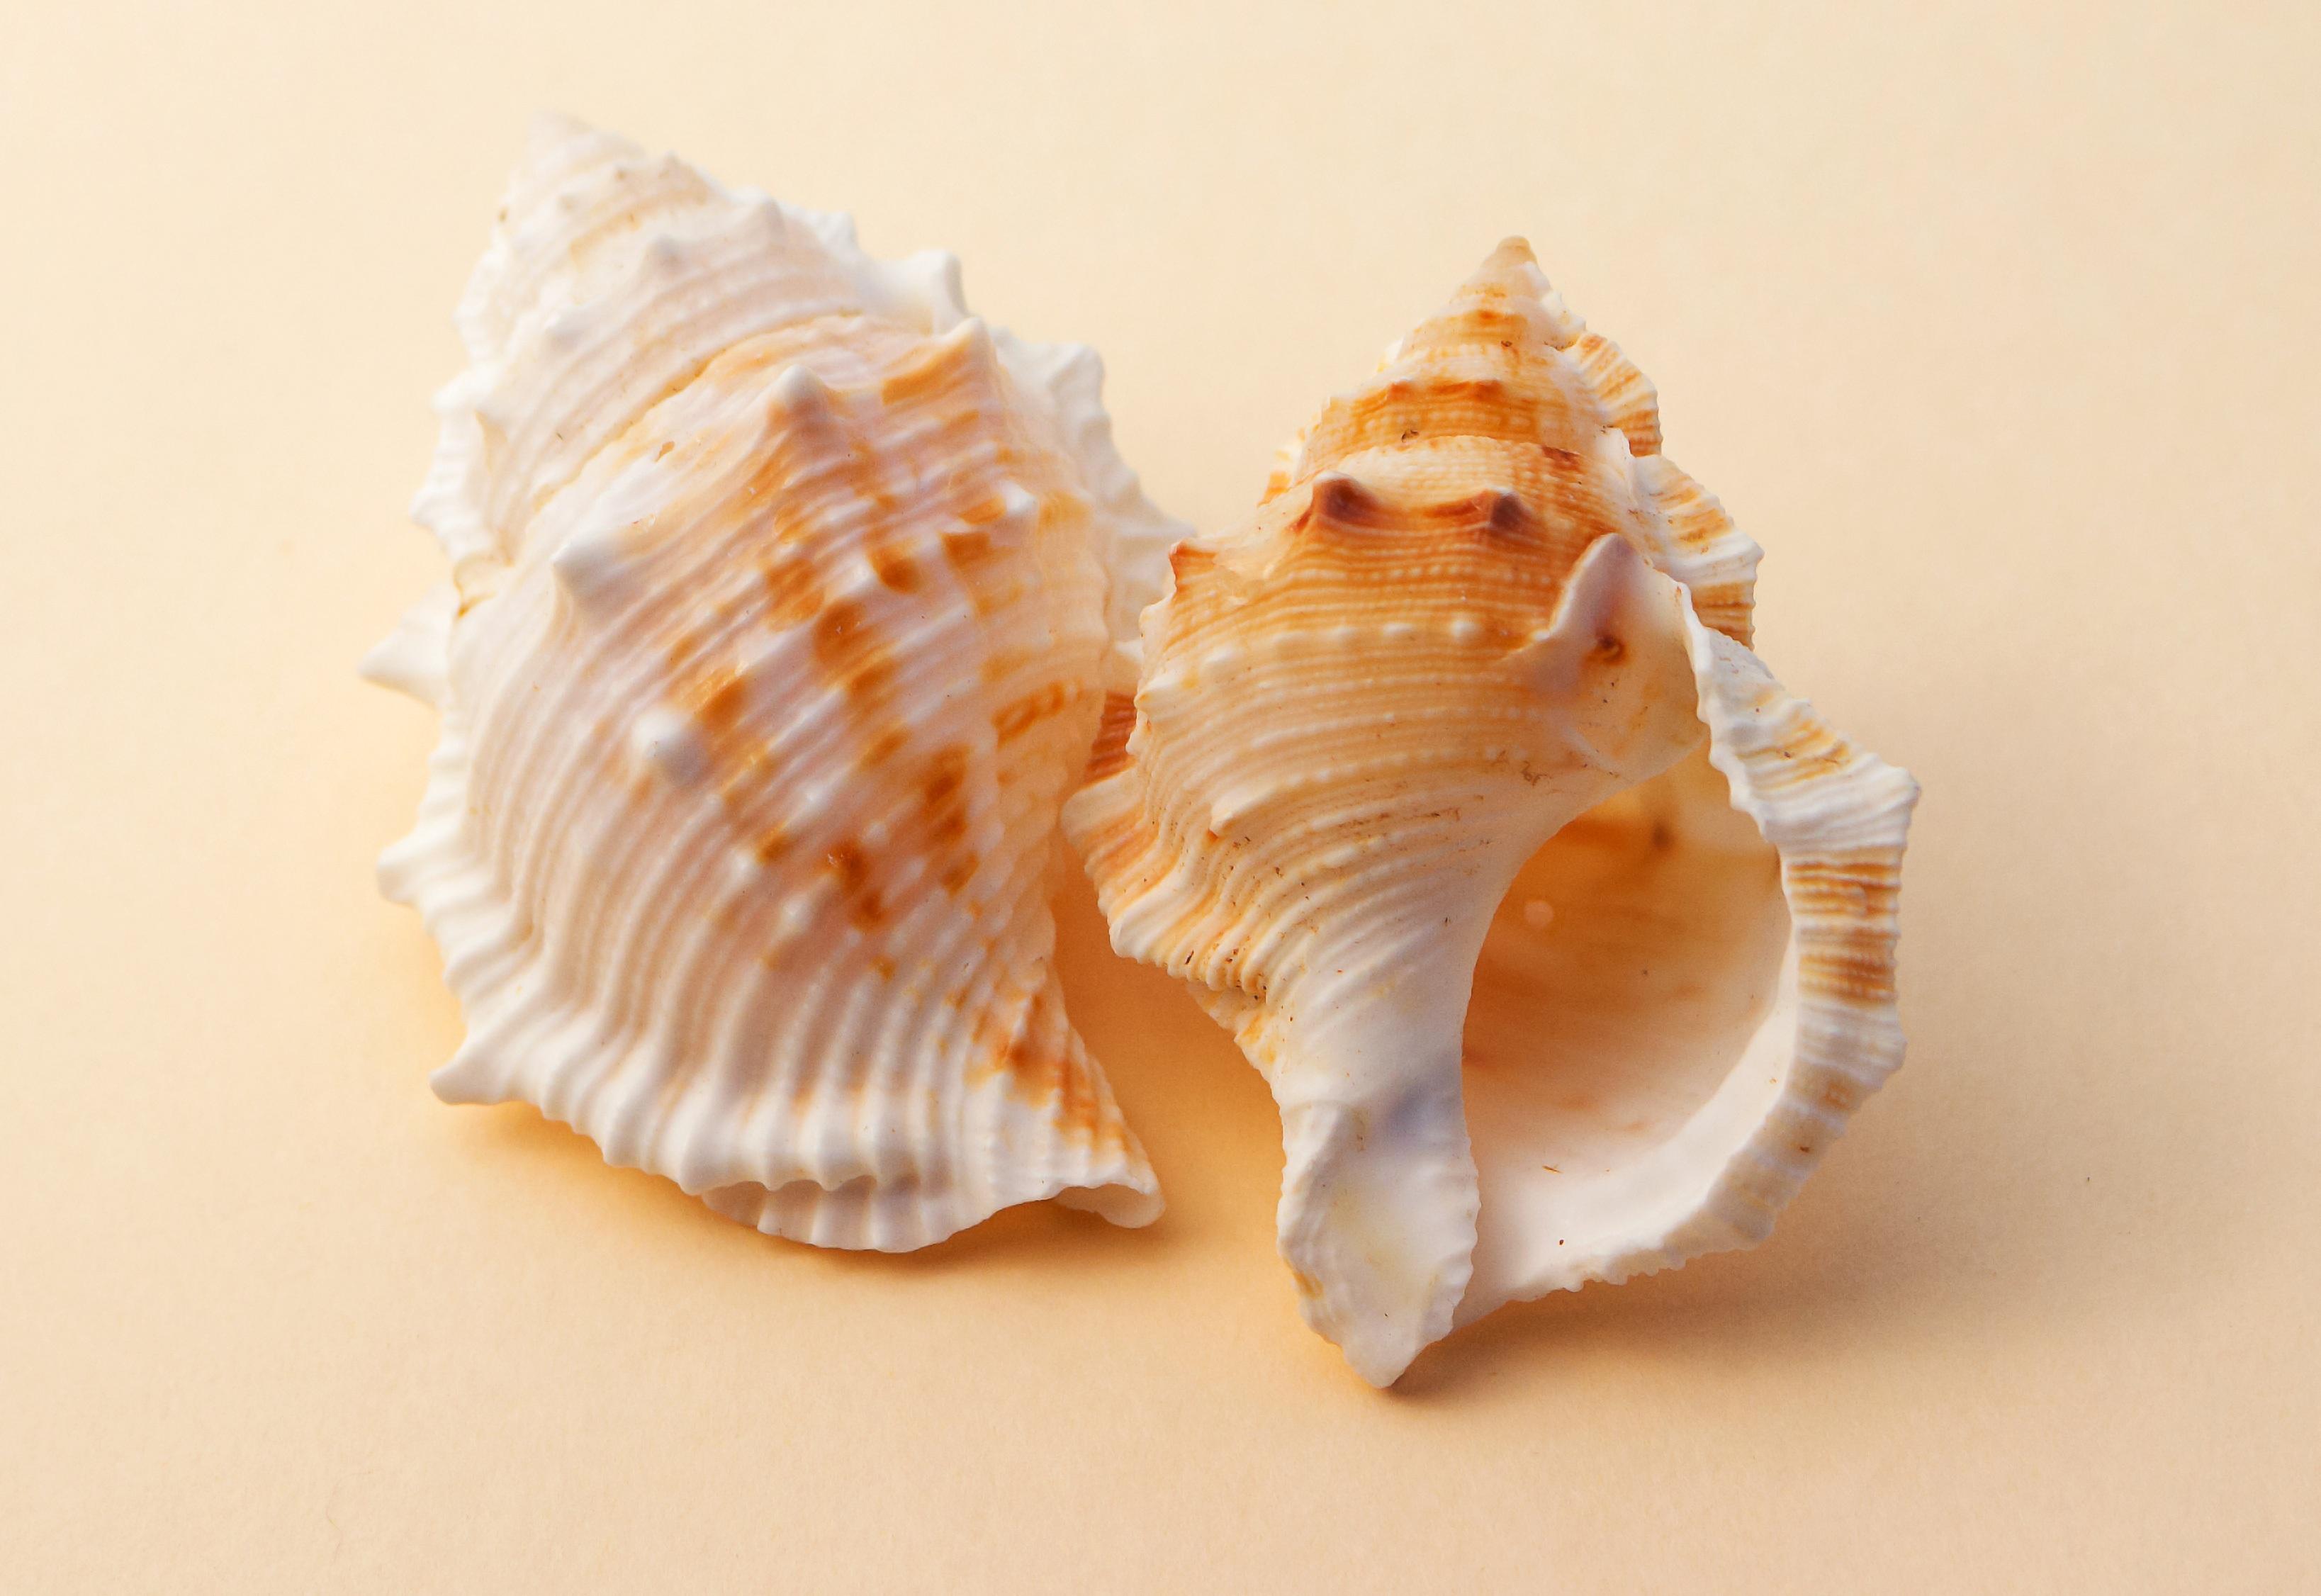 Gambar Alam Bahan Invertebrata Kerang Laut Kulit Kerang Kerut